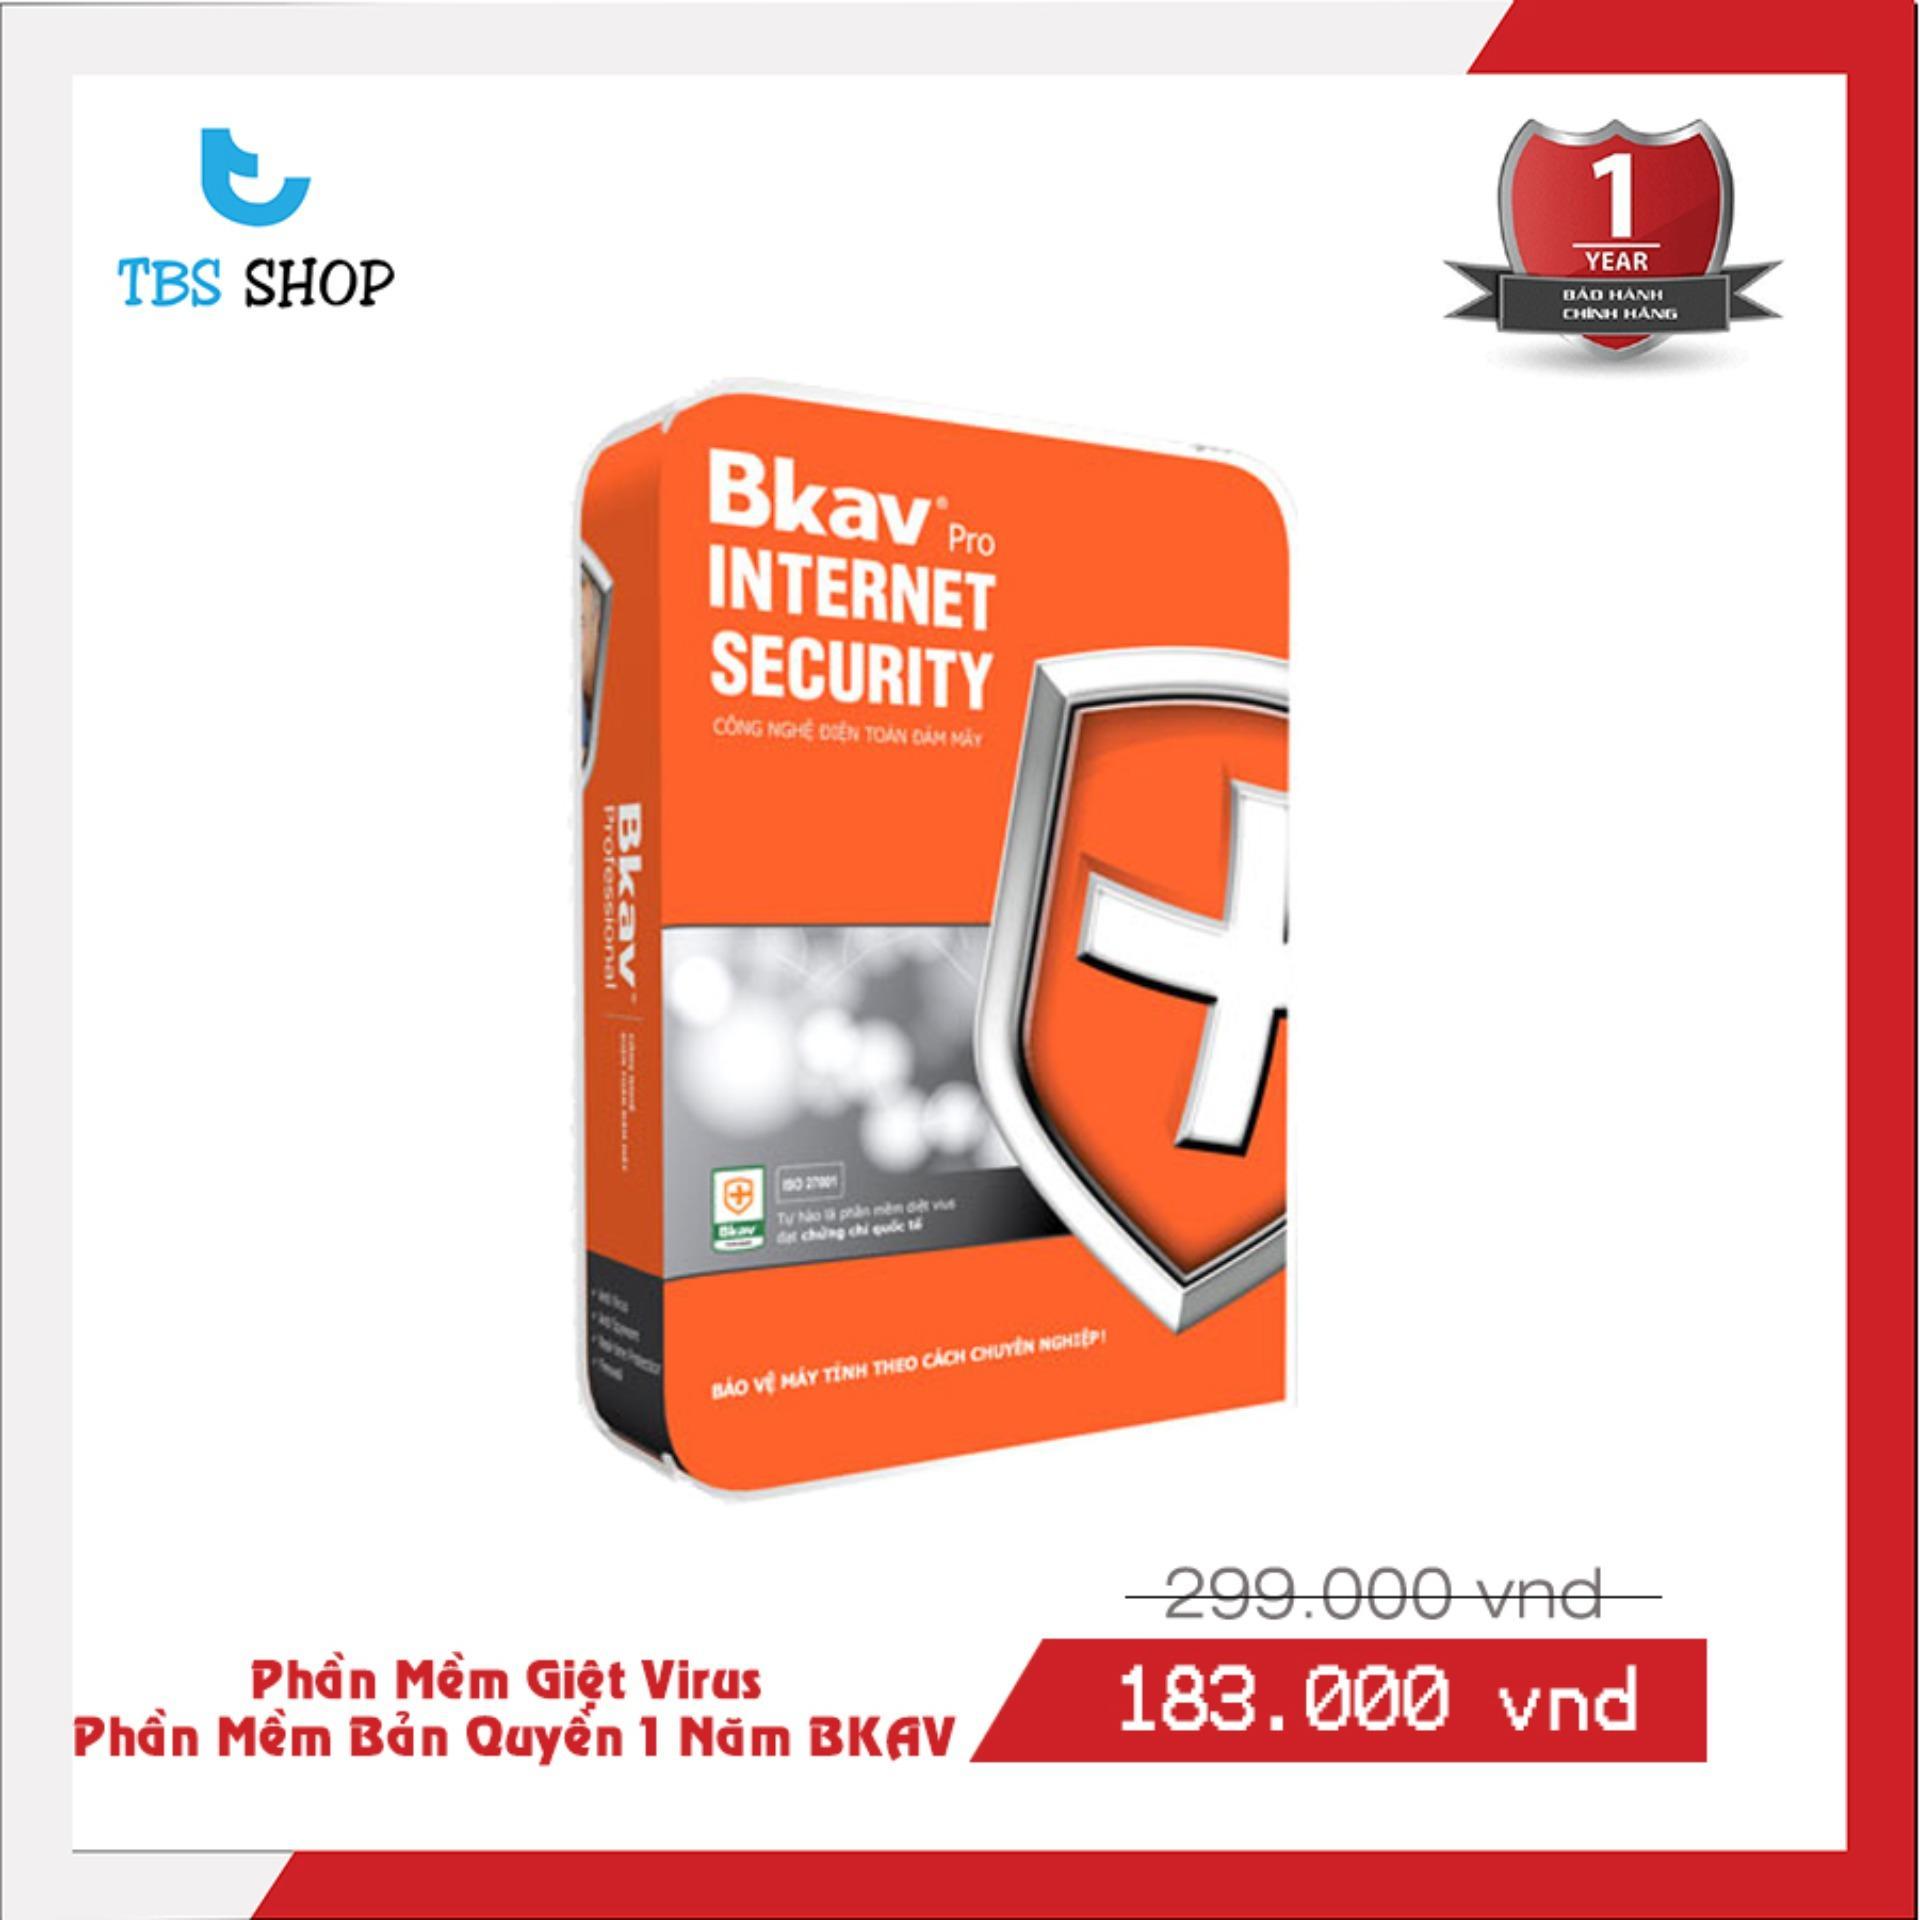 Nên mua Phần mềm diệt virut Bkav Pro Internet Security ở TBSShop